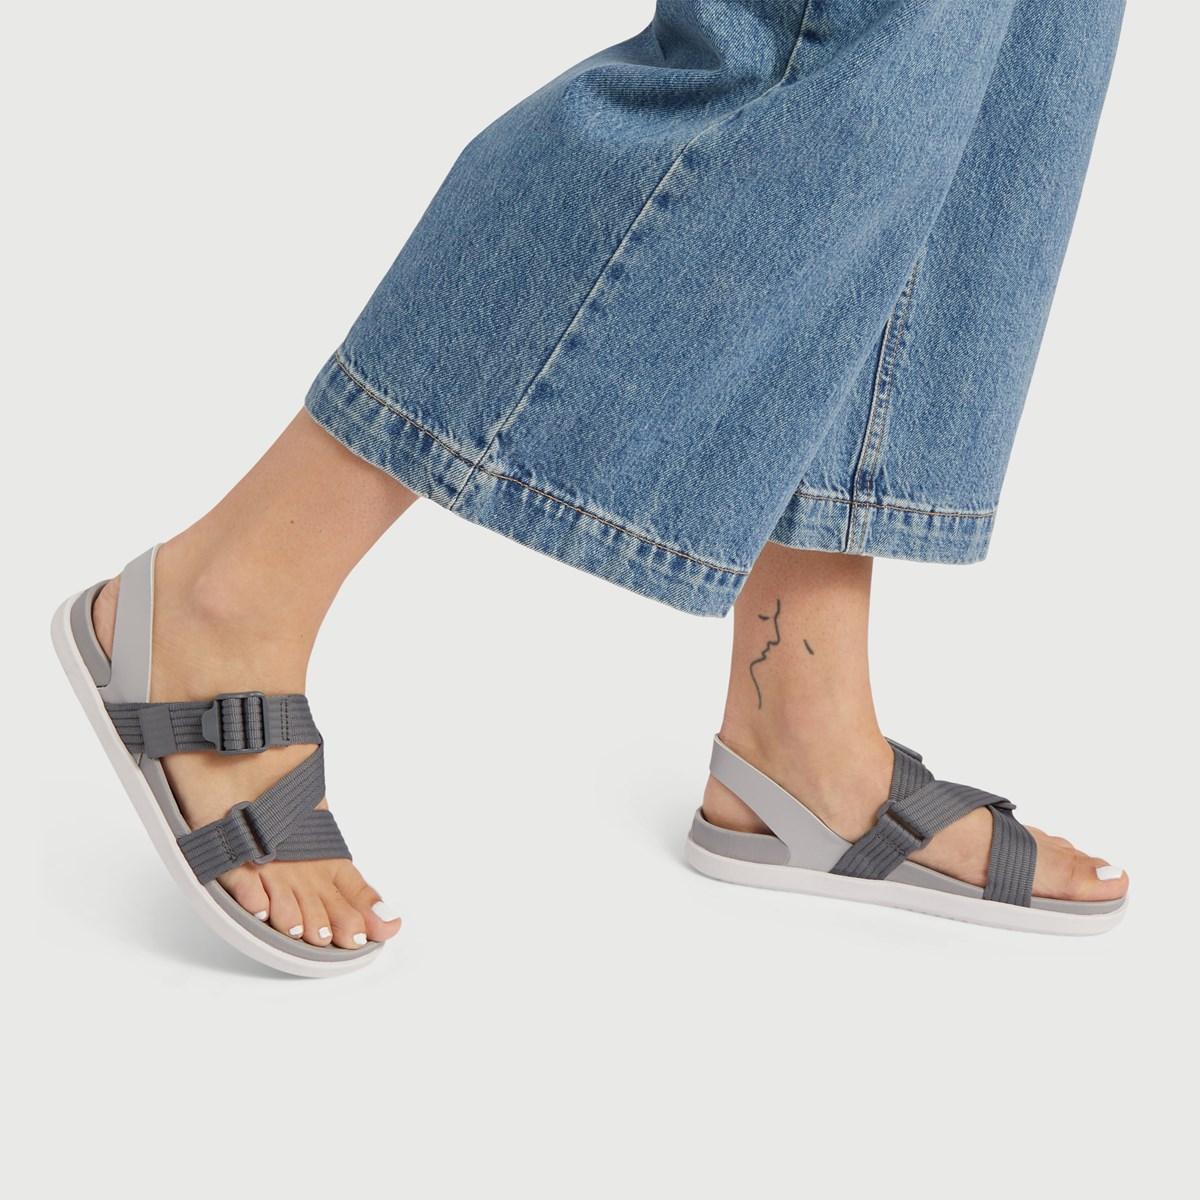 Women's Zurich Sandals in Grey